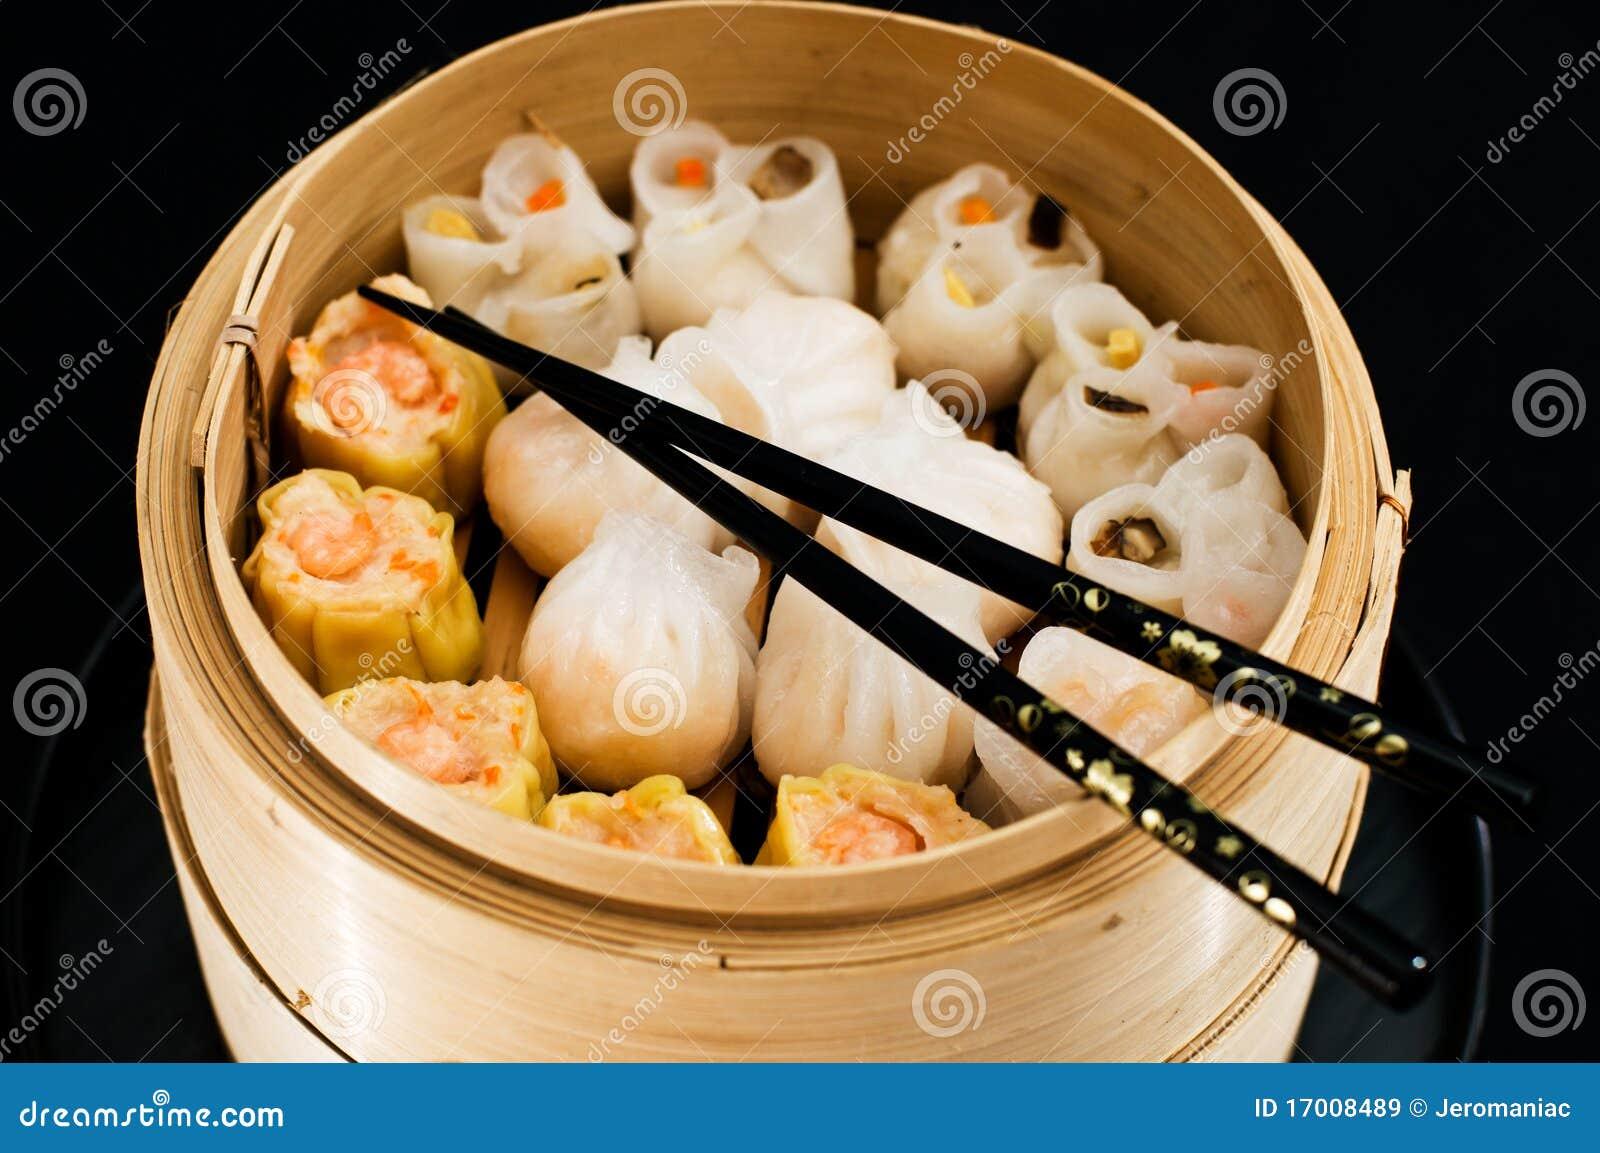 Ravioli chinois images libres de droits image 17008489 - Cuisine asiatique vapeur ...